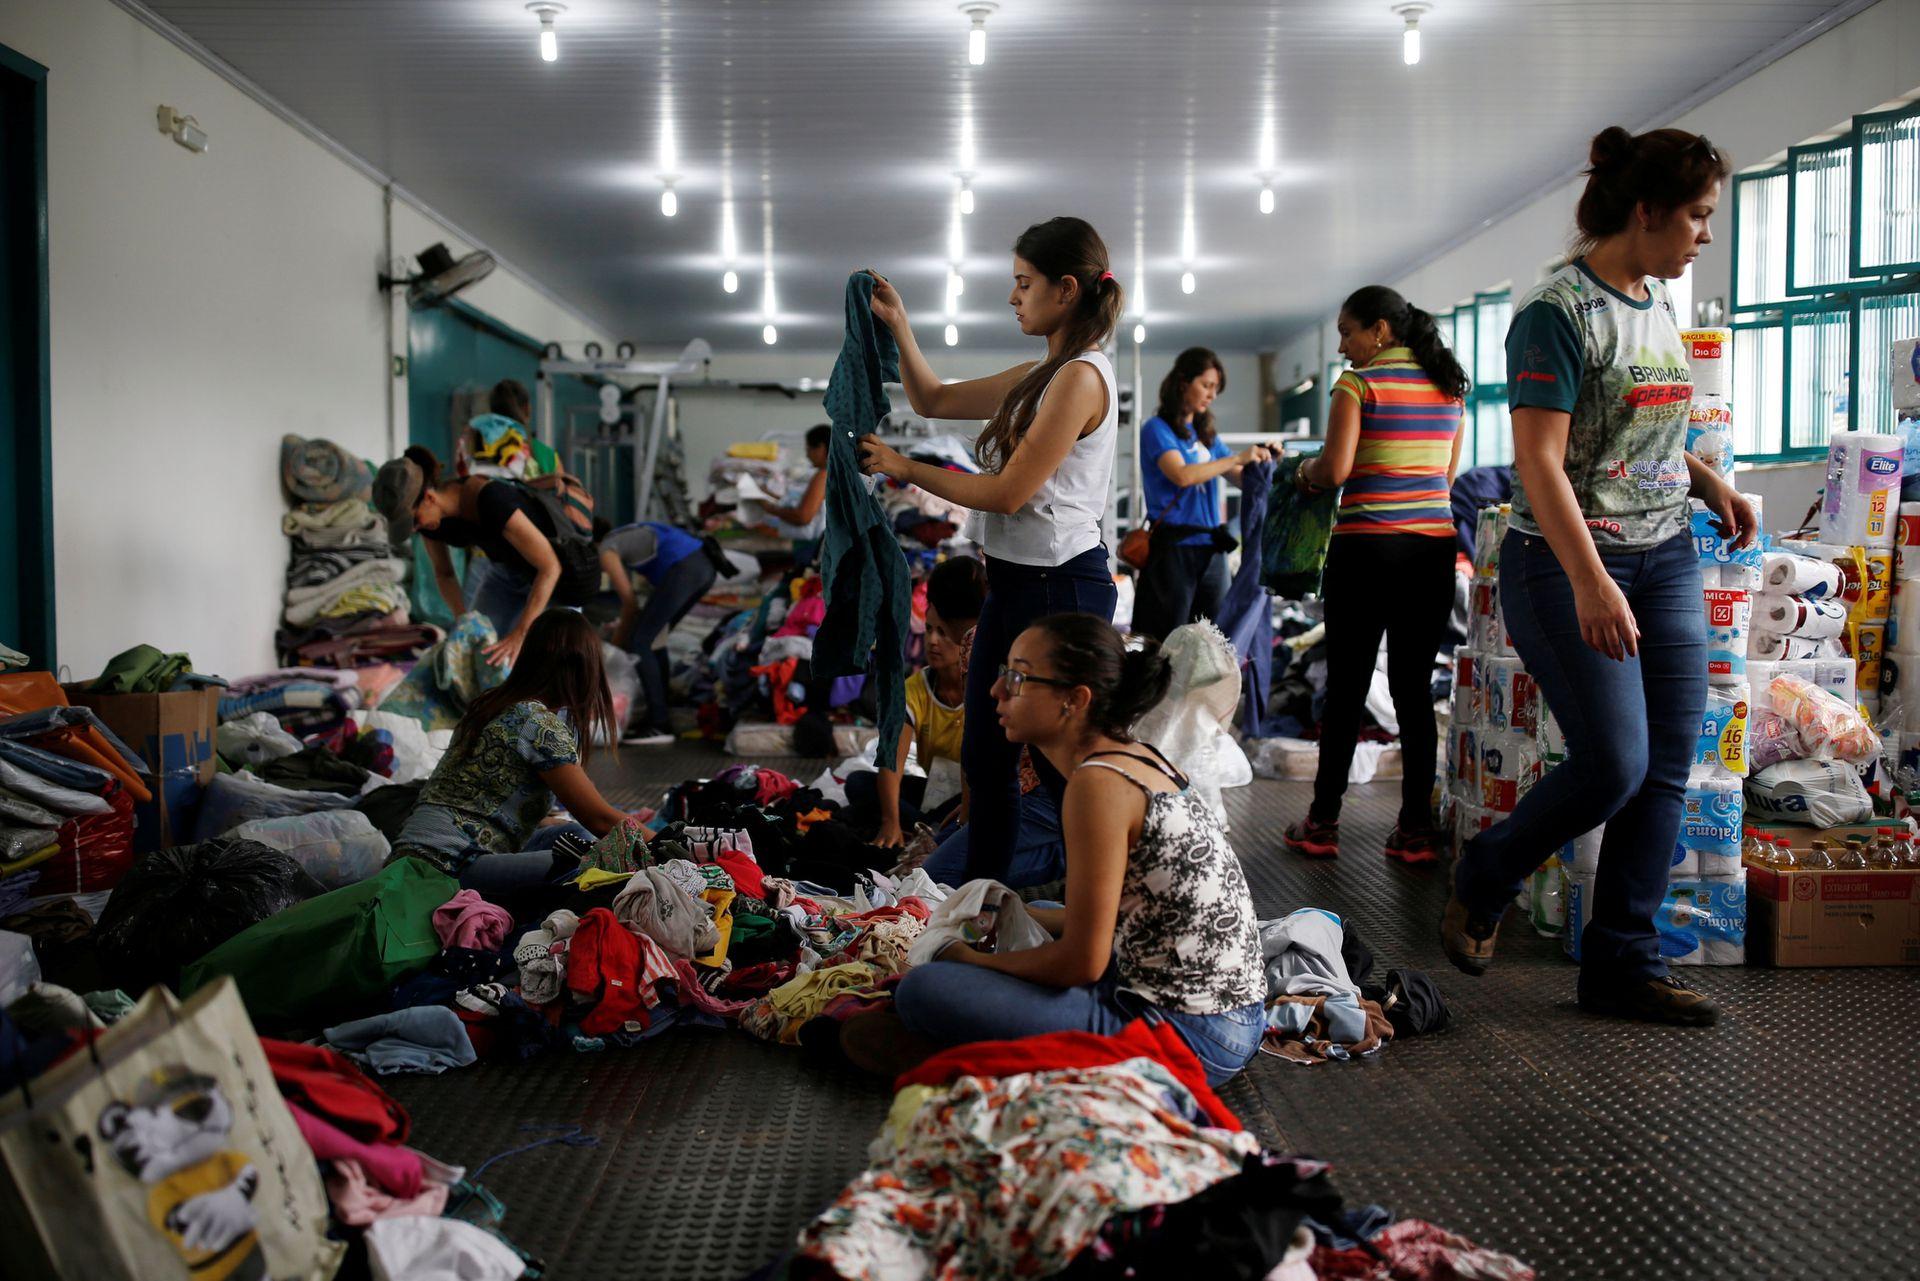 Voluntarios preparan donaciones para los vecinos afectados por el alud